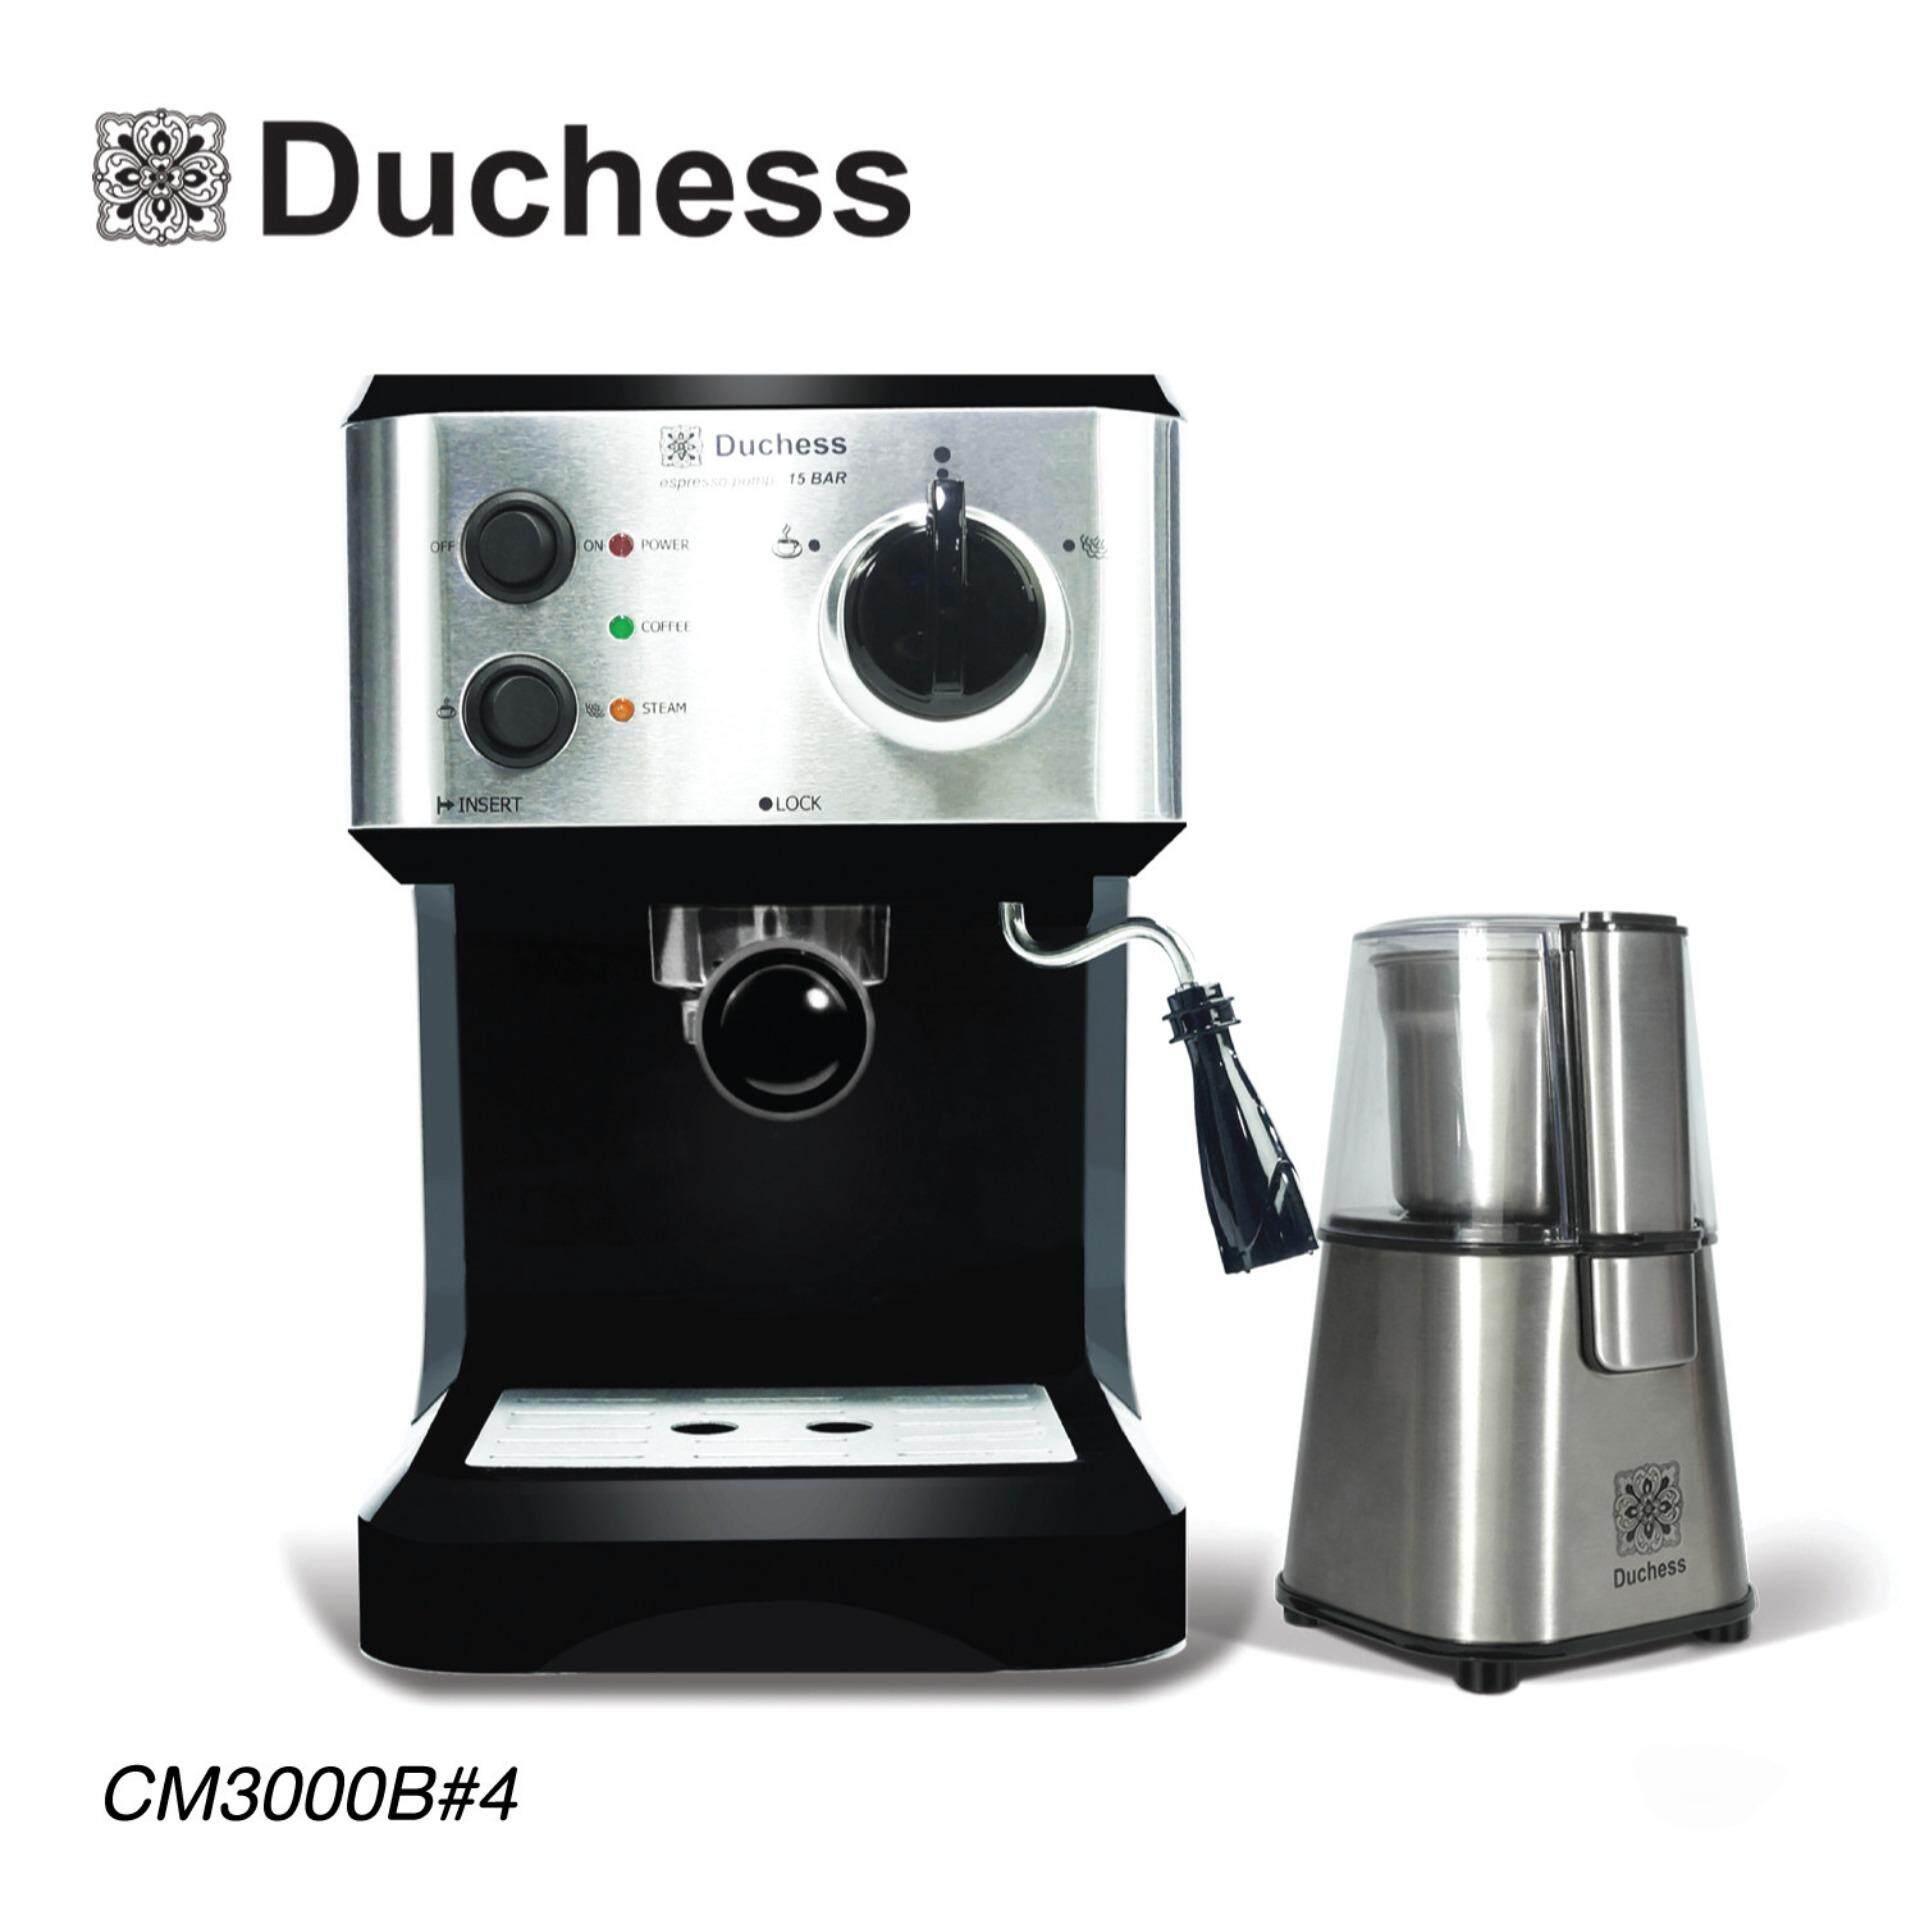 Duchess CM3000B#4 - เครื่องชงกาแฟ CM3000B + เครื่องบดเมล็ดกาแฟ CG9100S  - 373fd5b6d9d5ba41e1ab294f788a1cc8 - ทดสอบเครื่องชงกาแฟสด Duchess CM 3000